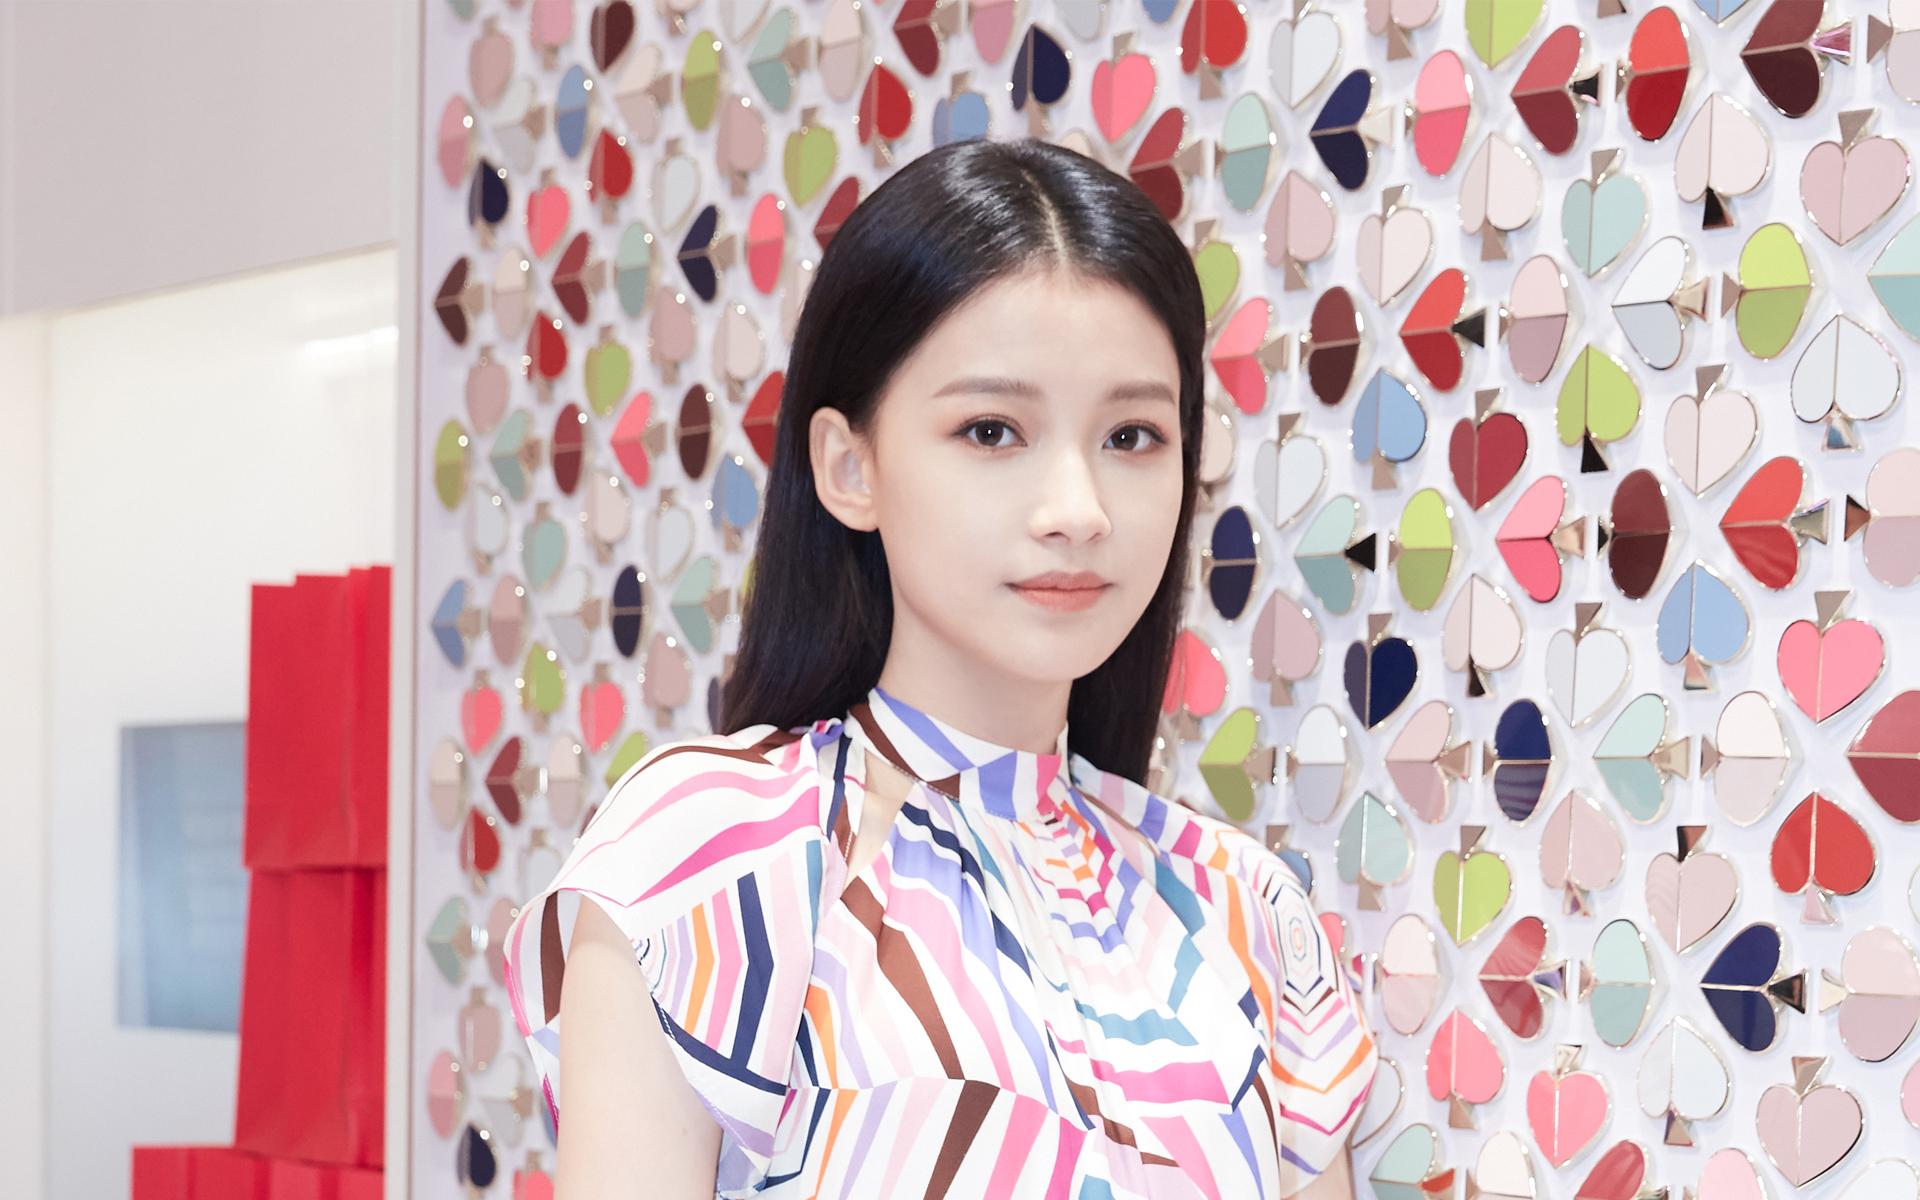 孙怡小清新甜美活动写真高清桌面壁纸